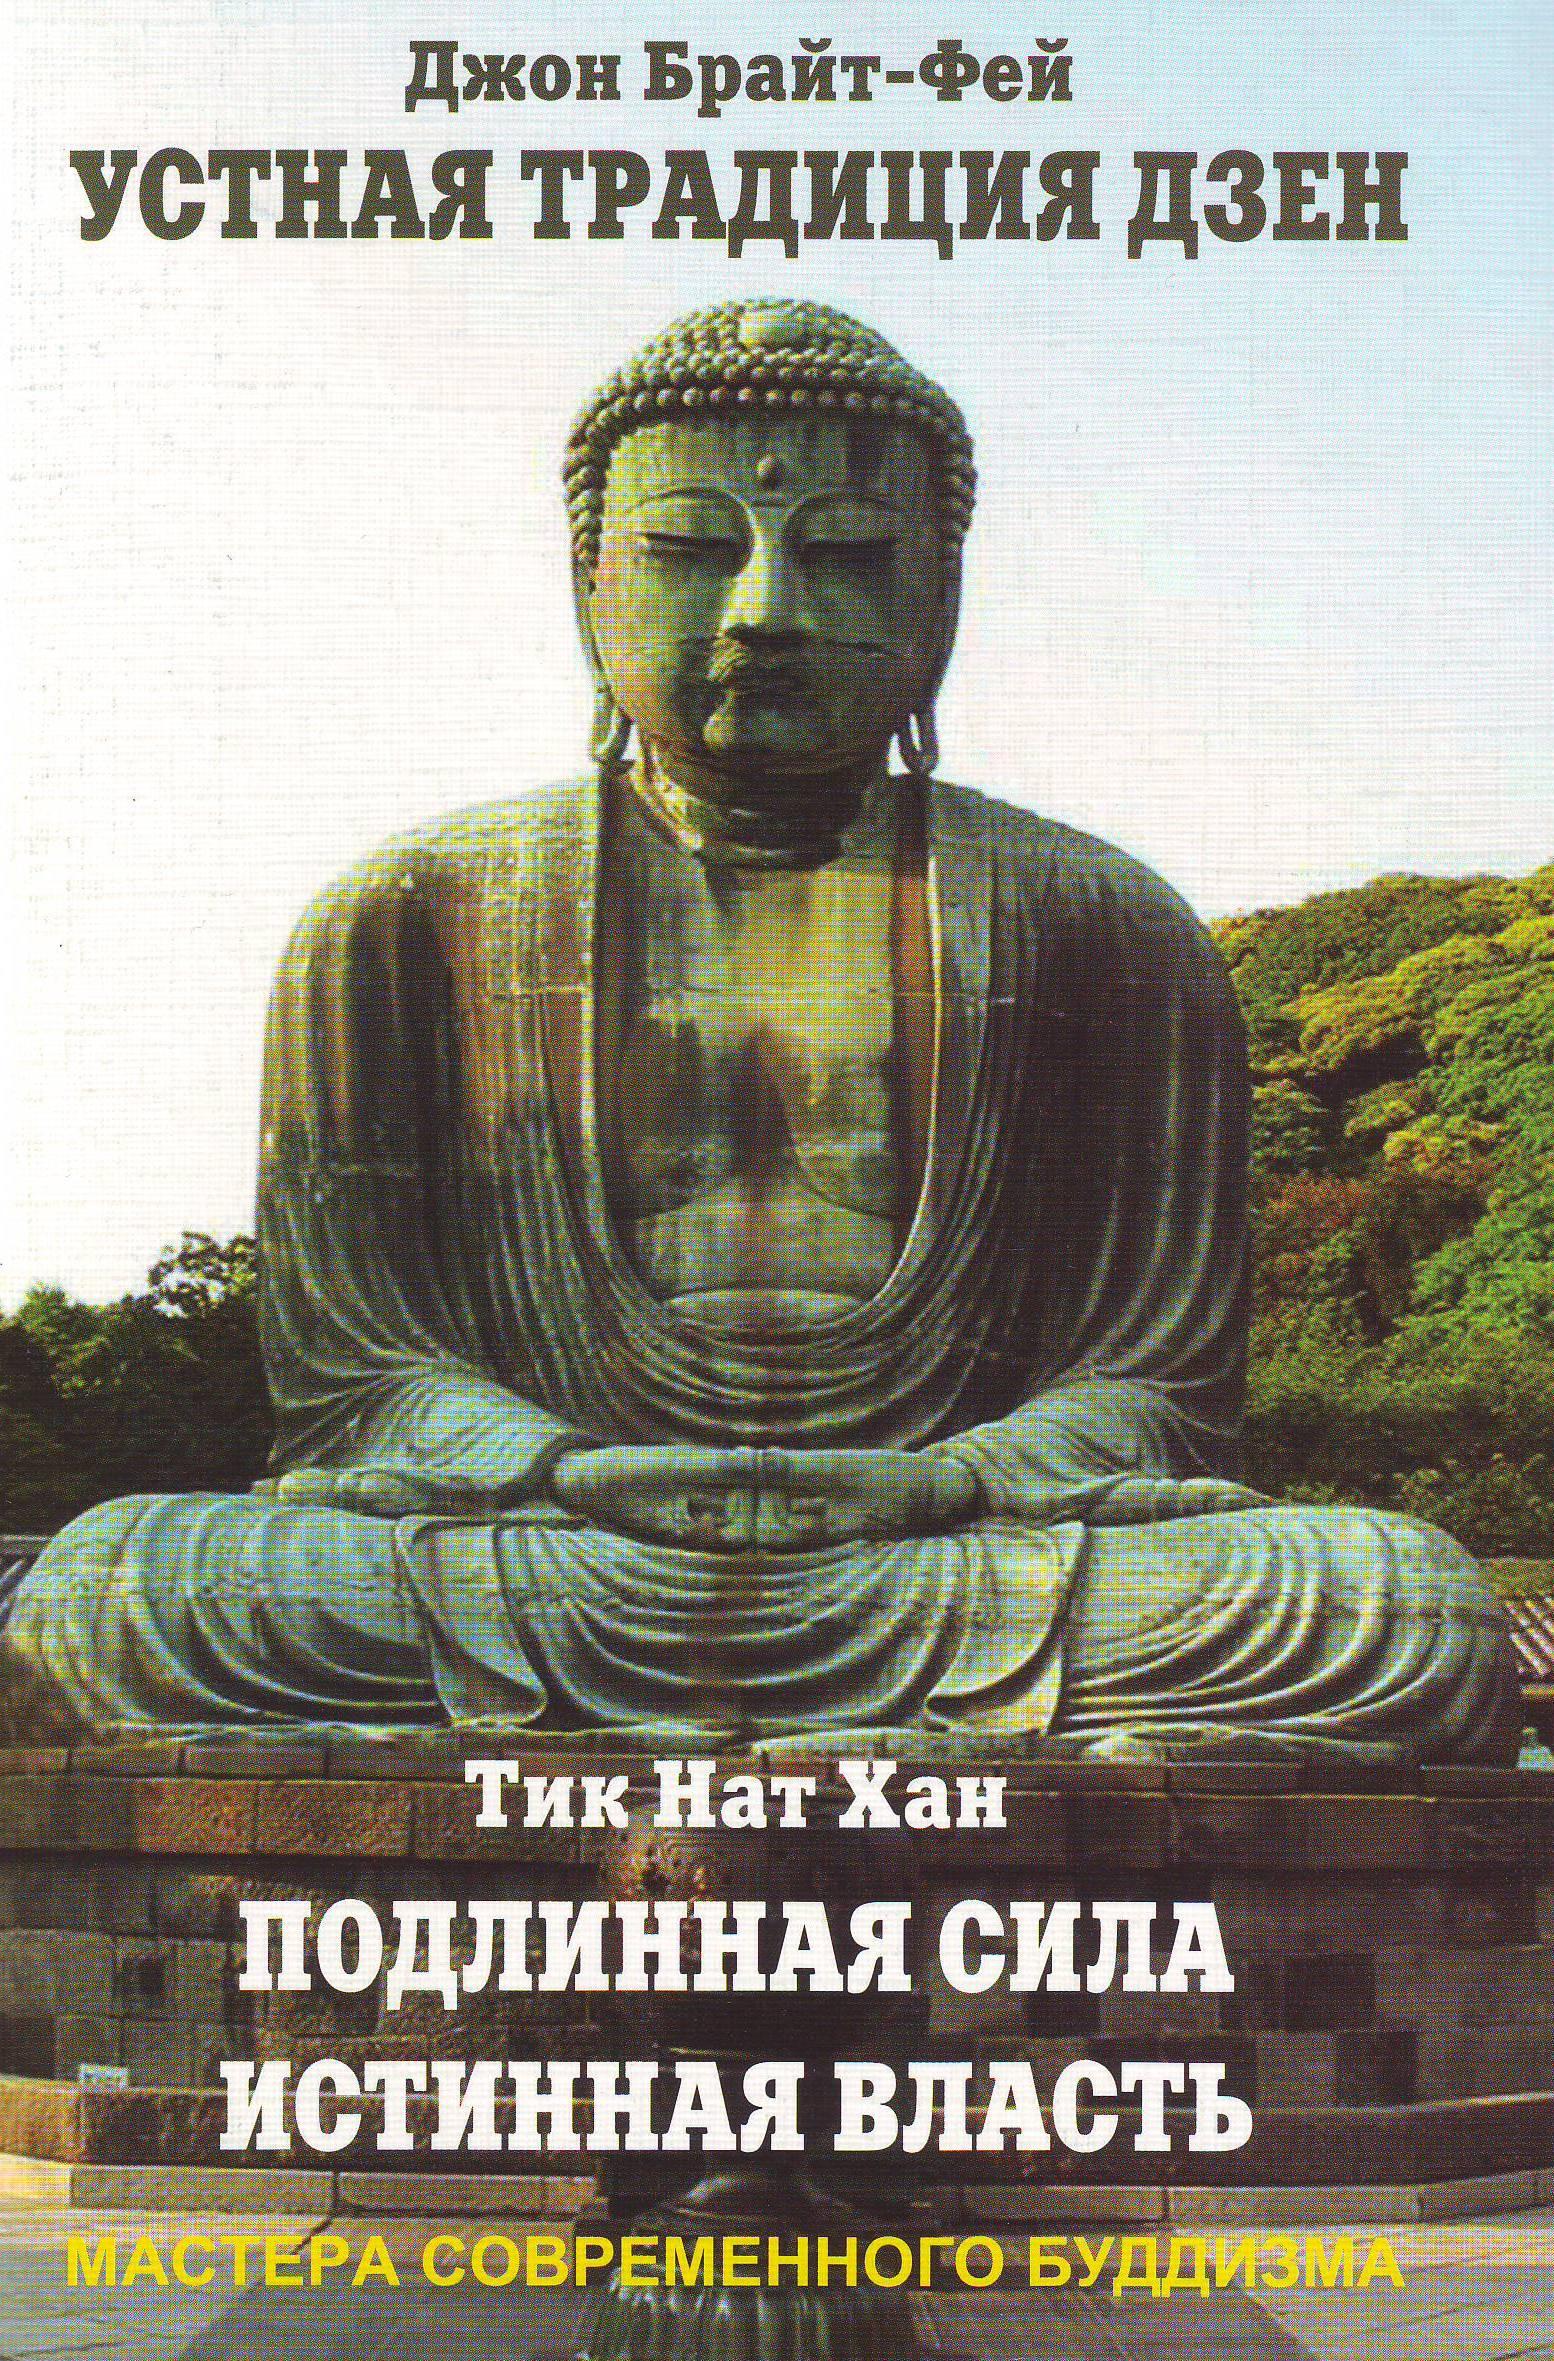 Устная традиция дзен. Подлинная сила, истинная власть